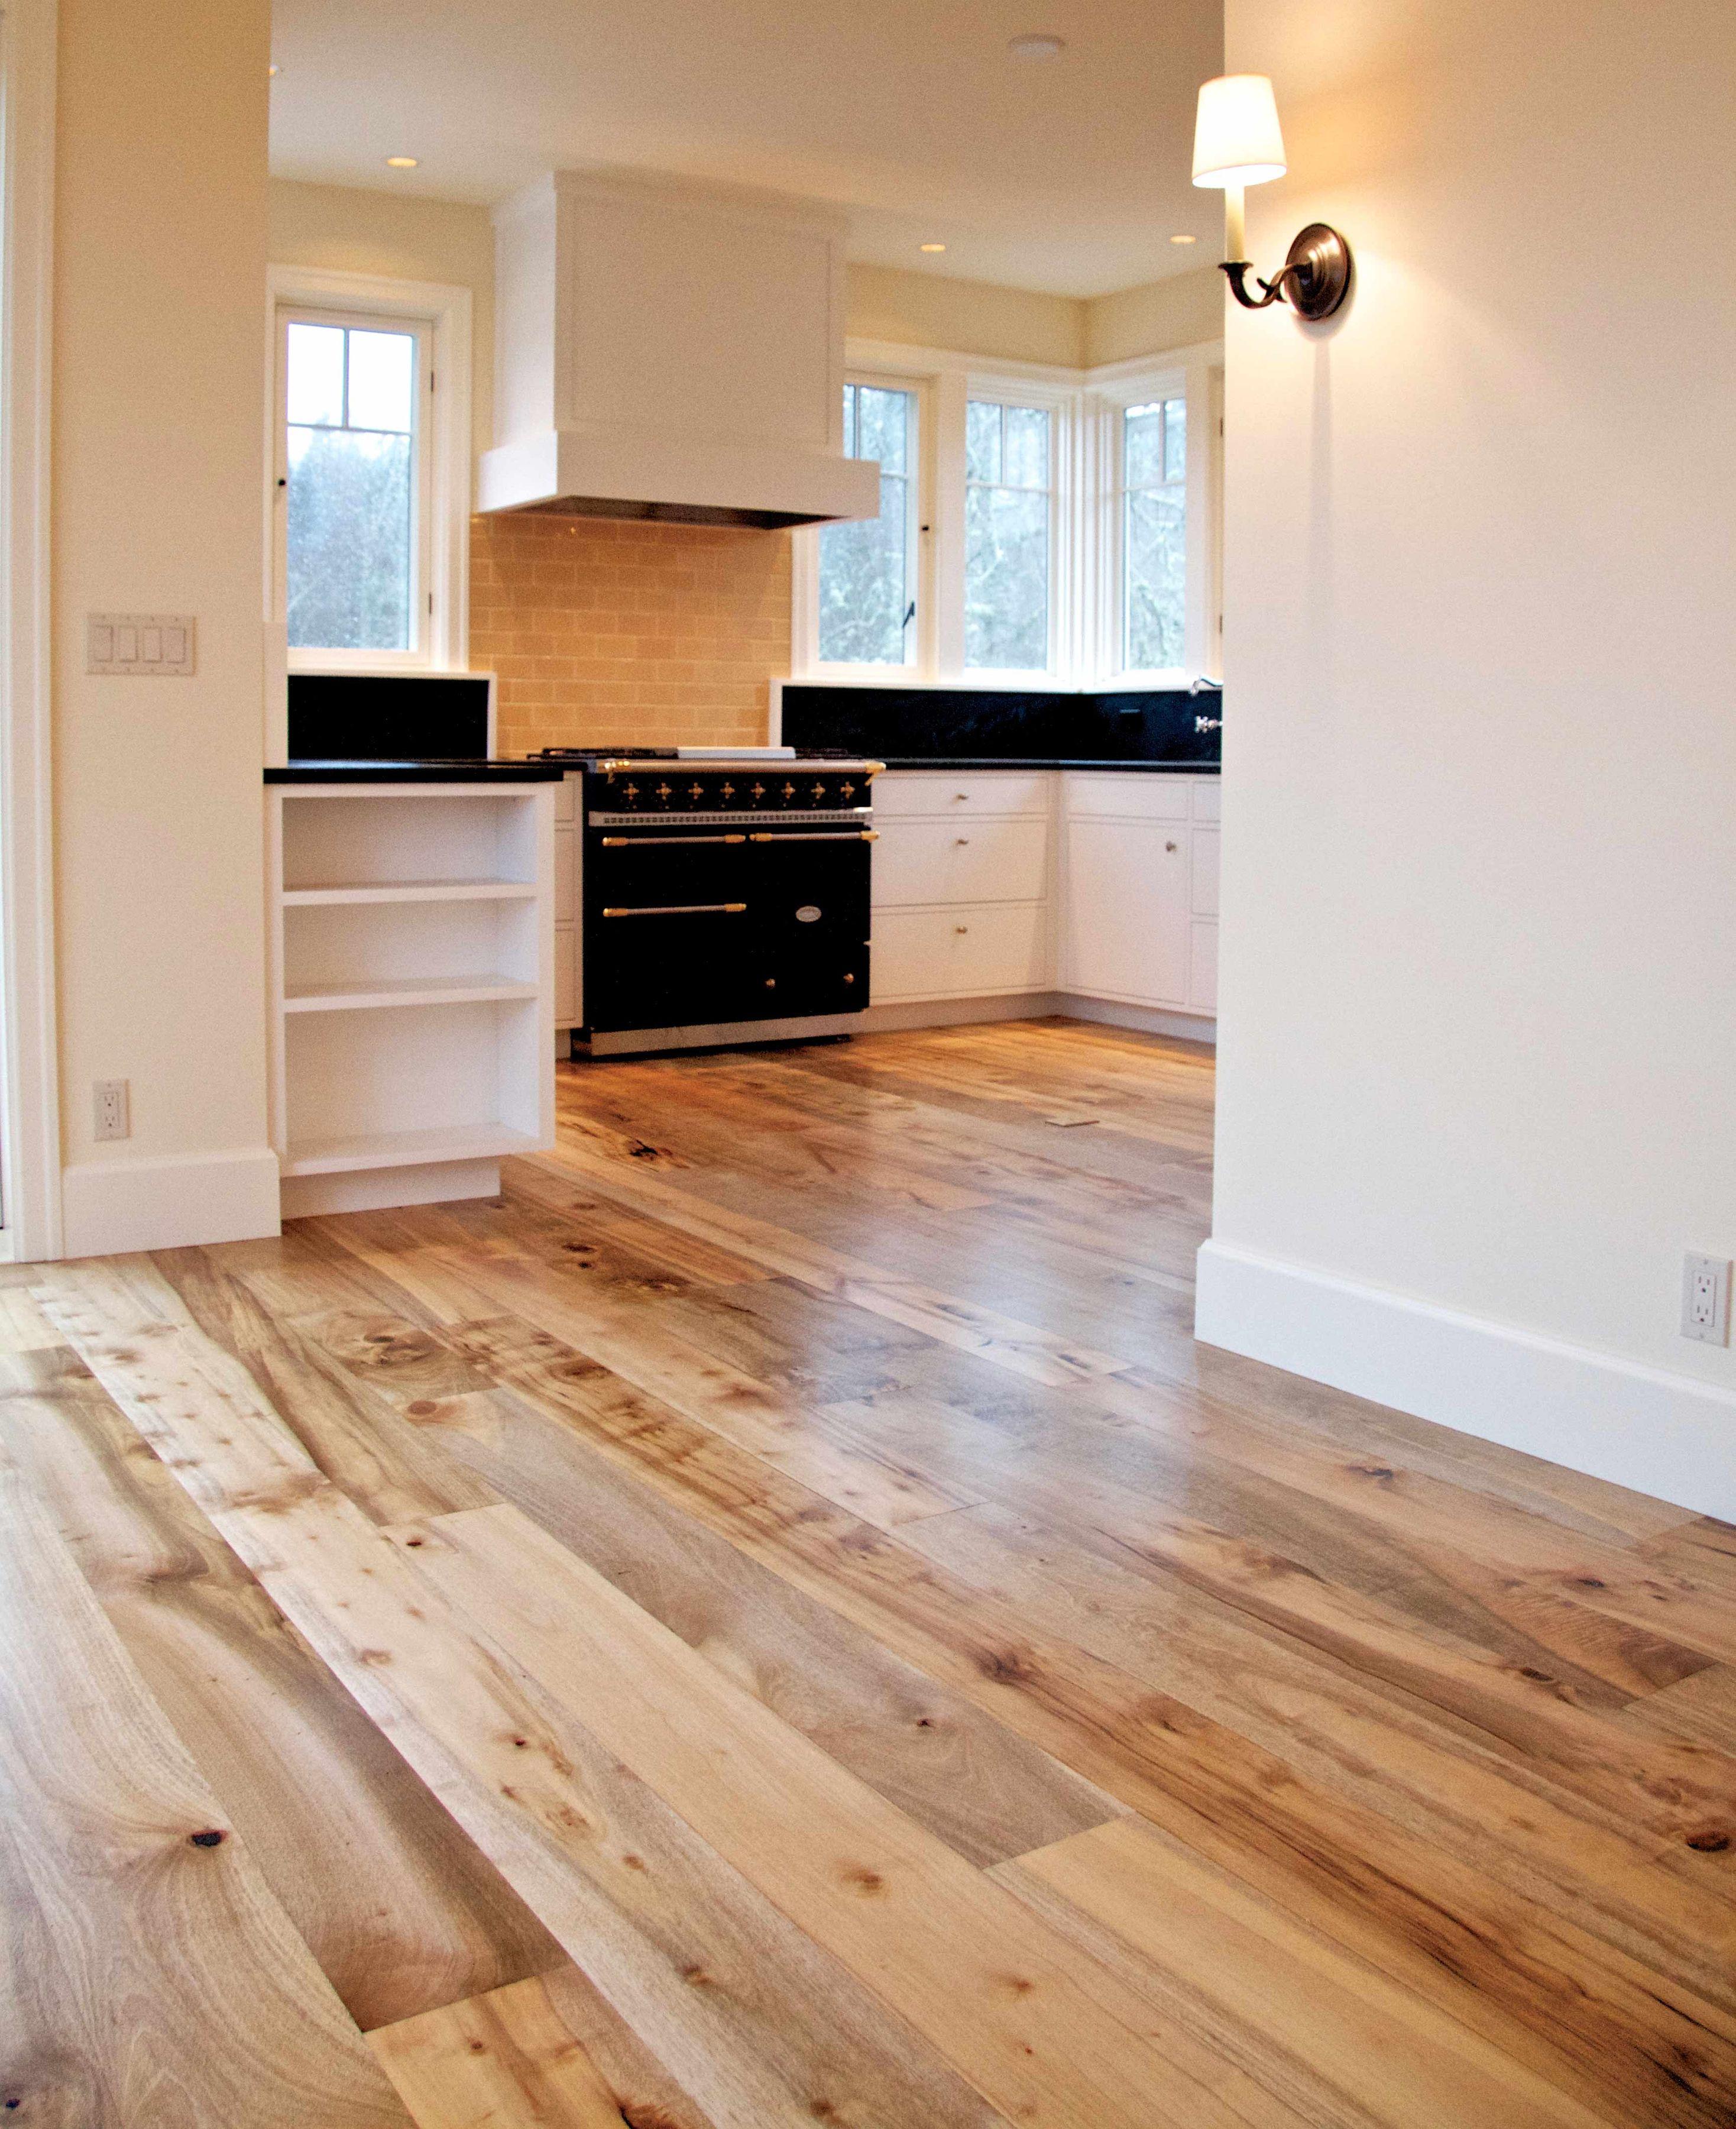 California bay laurel plank flooring